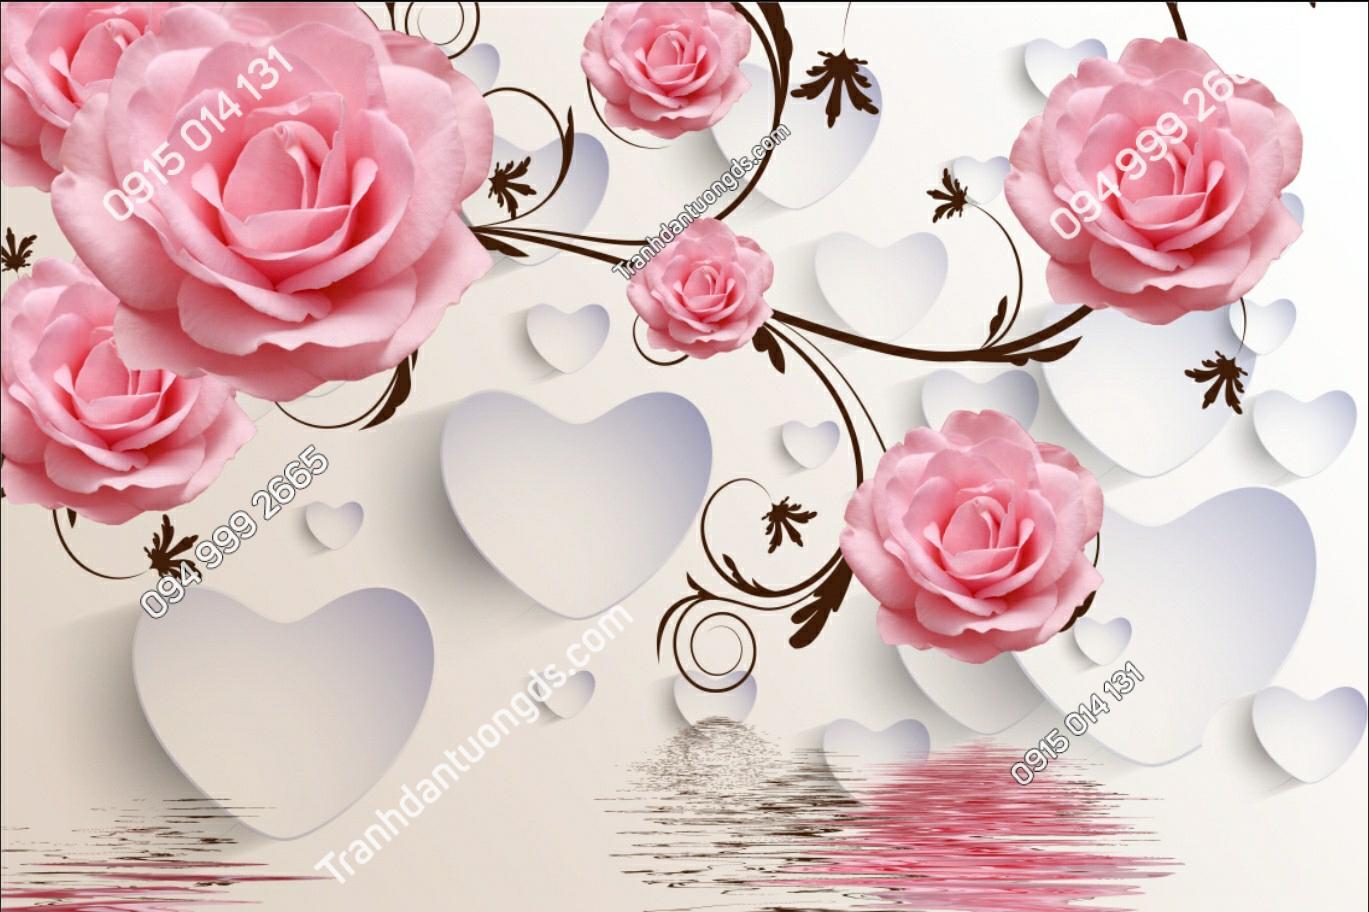 Tranh dán tường hoa hồng trái tim - 11601 demo